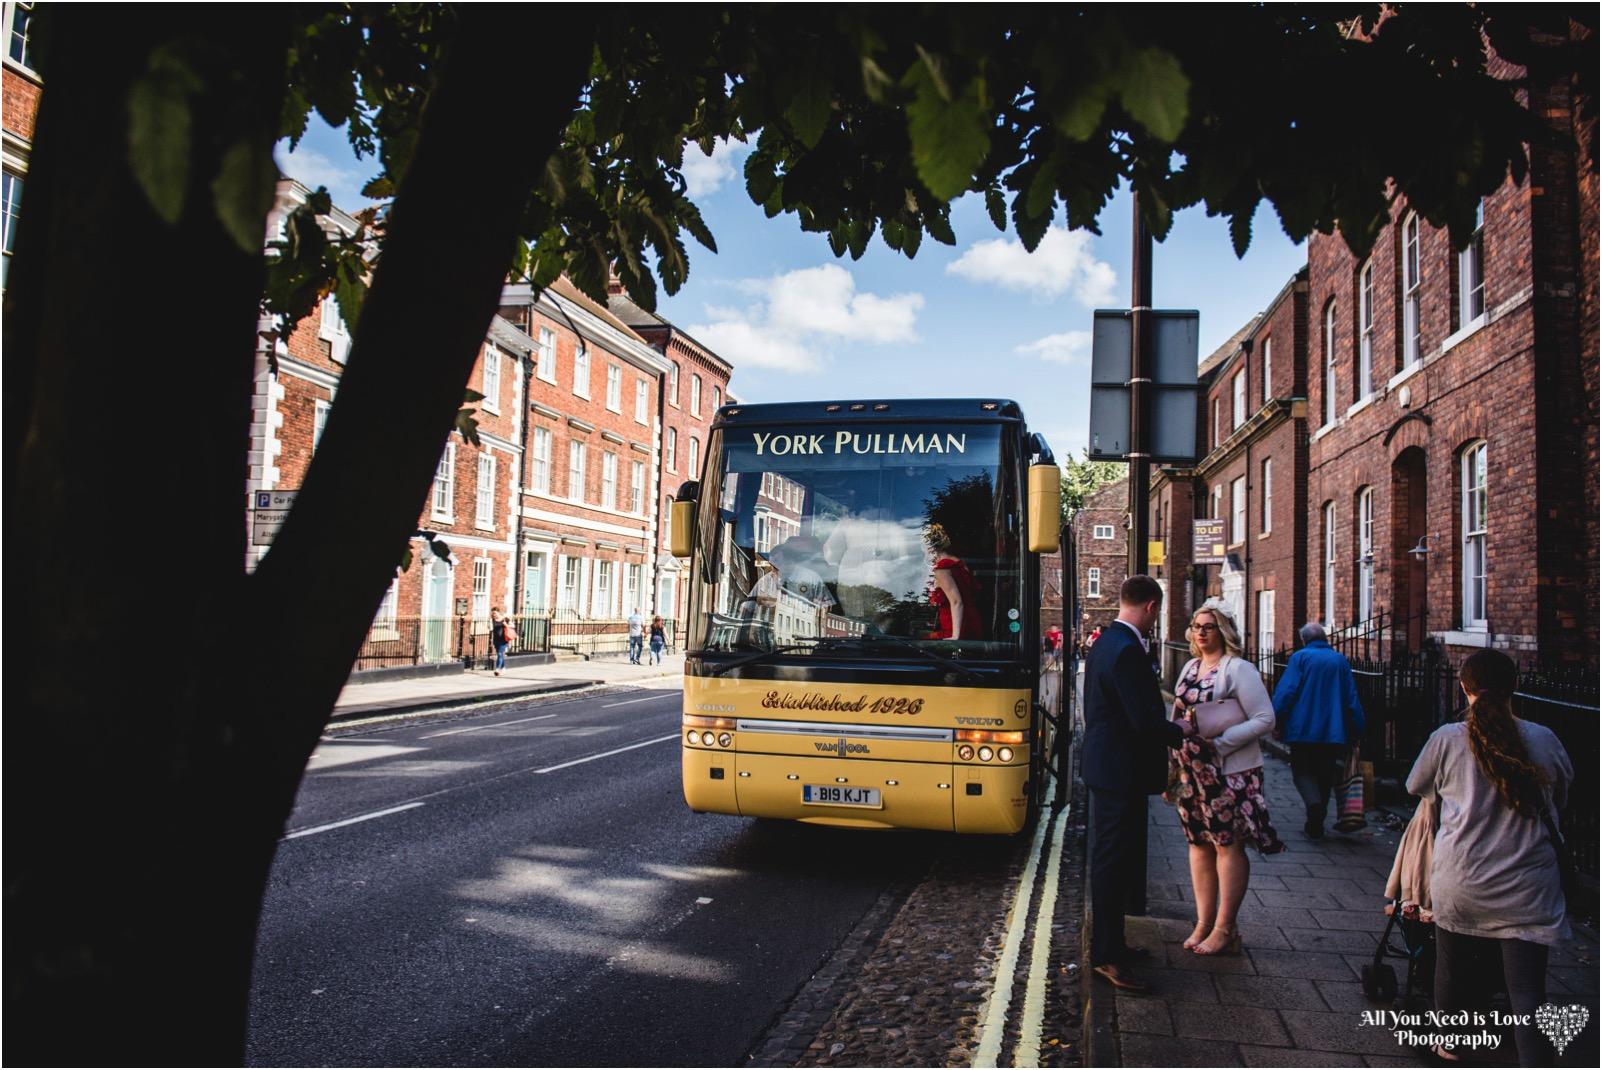 York Pullman Wedding Bus